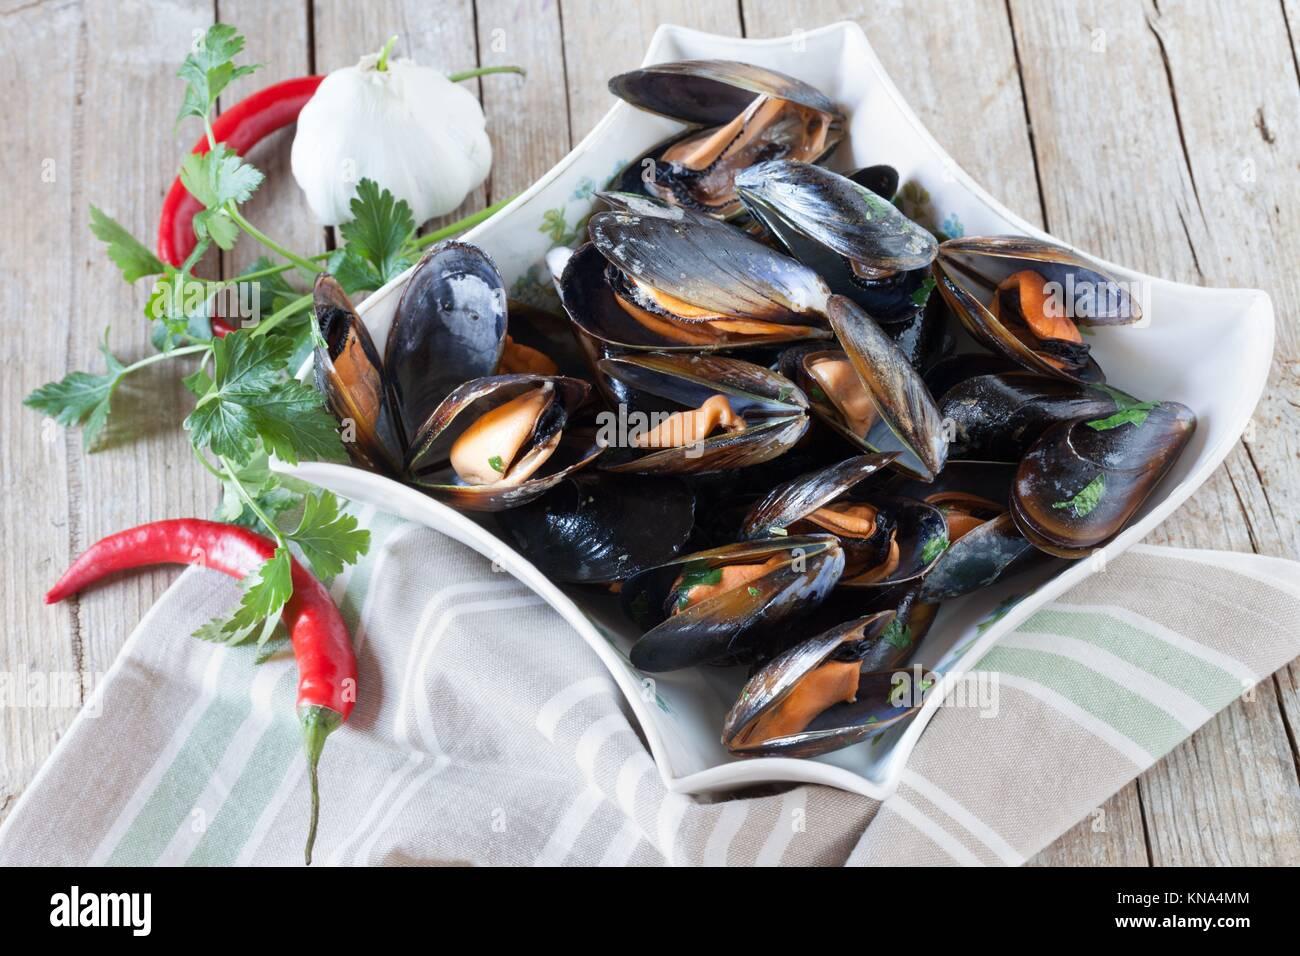 La plaque avec les moules sautées décorées de persil, ail et piment rouge. Photo Stock